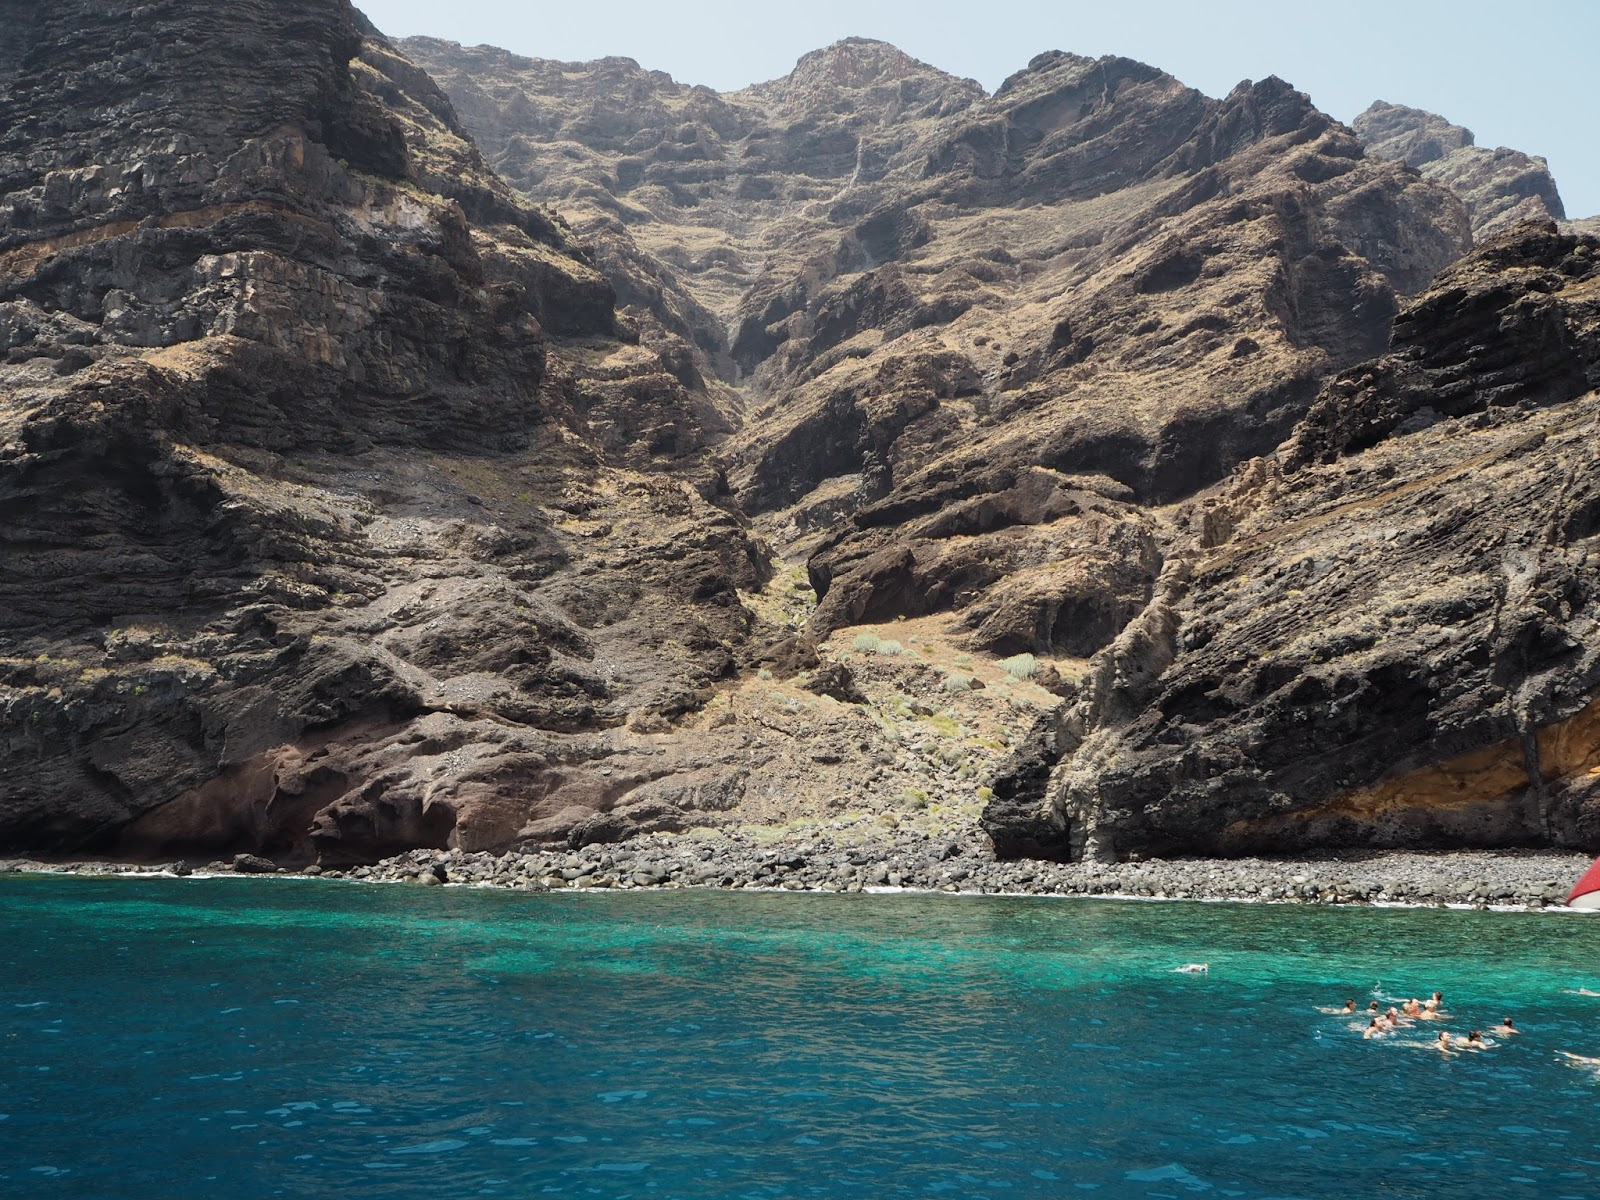 Los Gigantos cove Tenerife